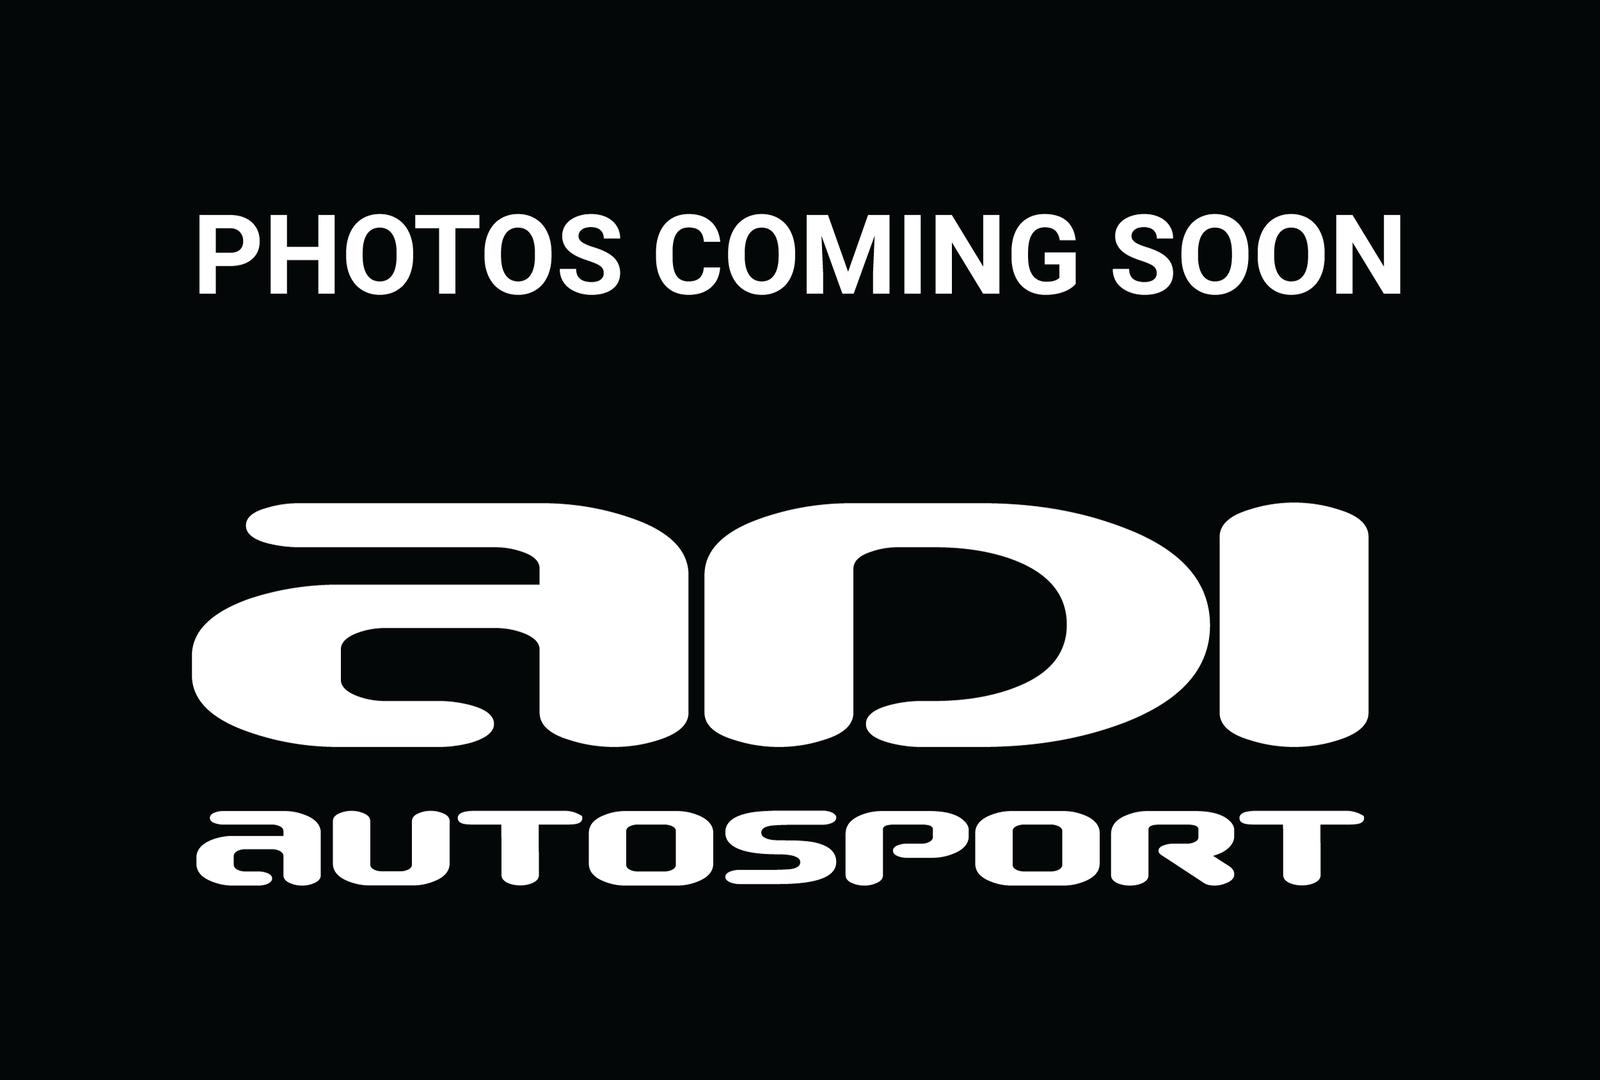 2009 Volkswagen Touareg 2 V6 TDI | ADI Autosport